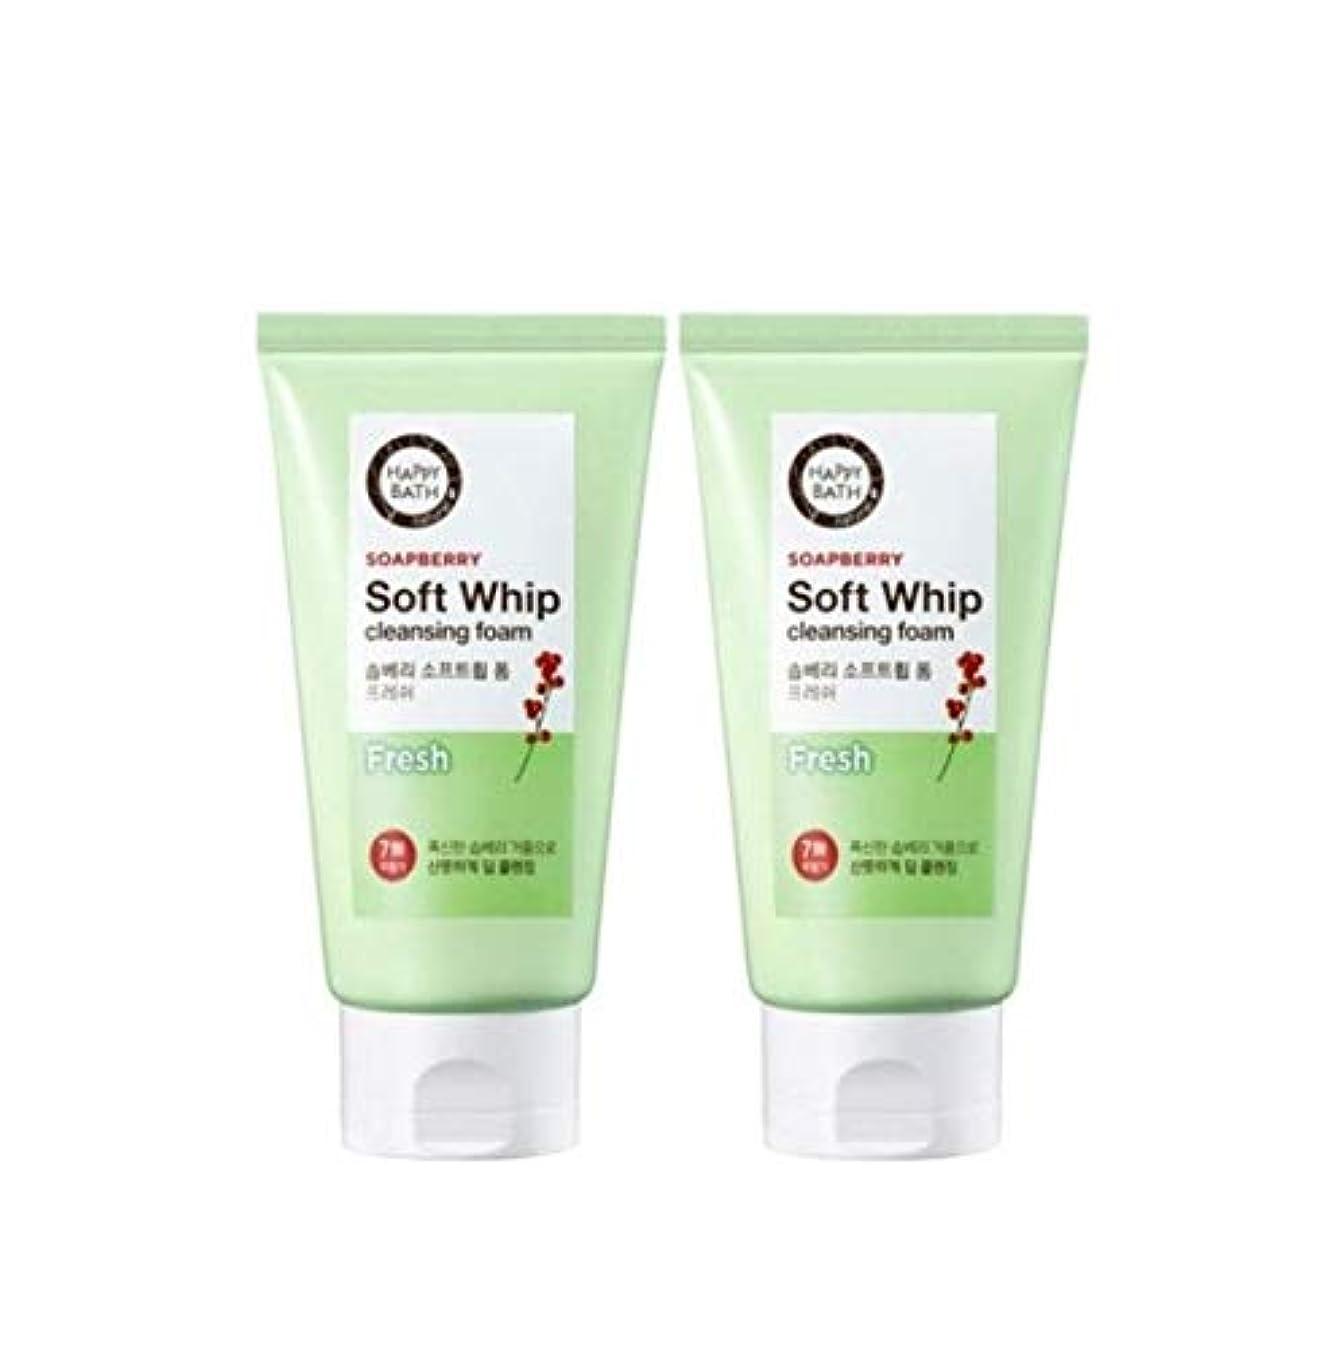 不条理クランプエレクトロニック(1+1)ハッピーバスソープベリーソフトホイップクレンジングフォームフレッシュ Happy Bath Soapberry soft whip foam fresh 韓国の人気商品